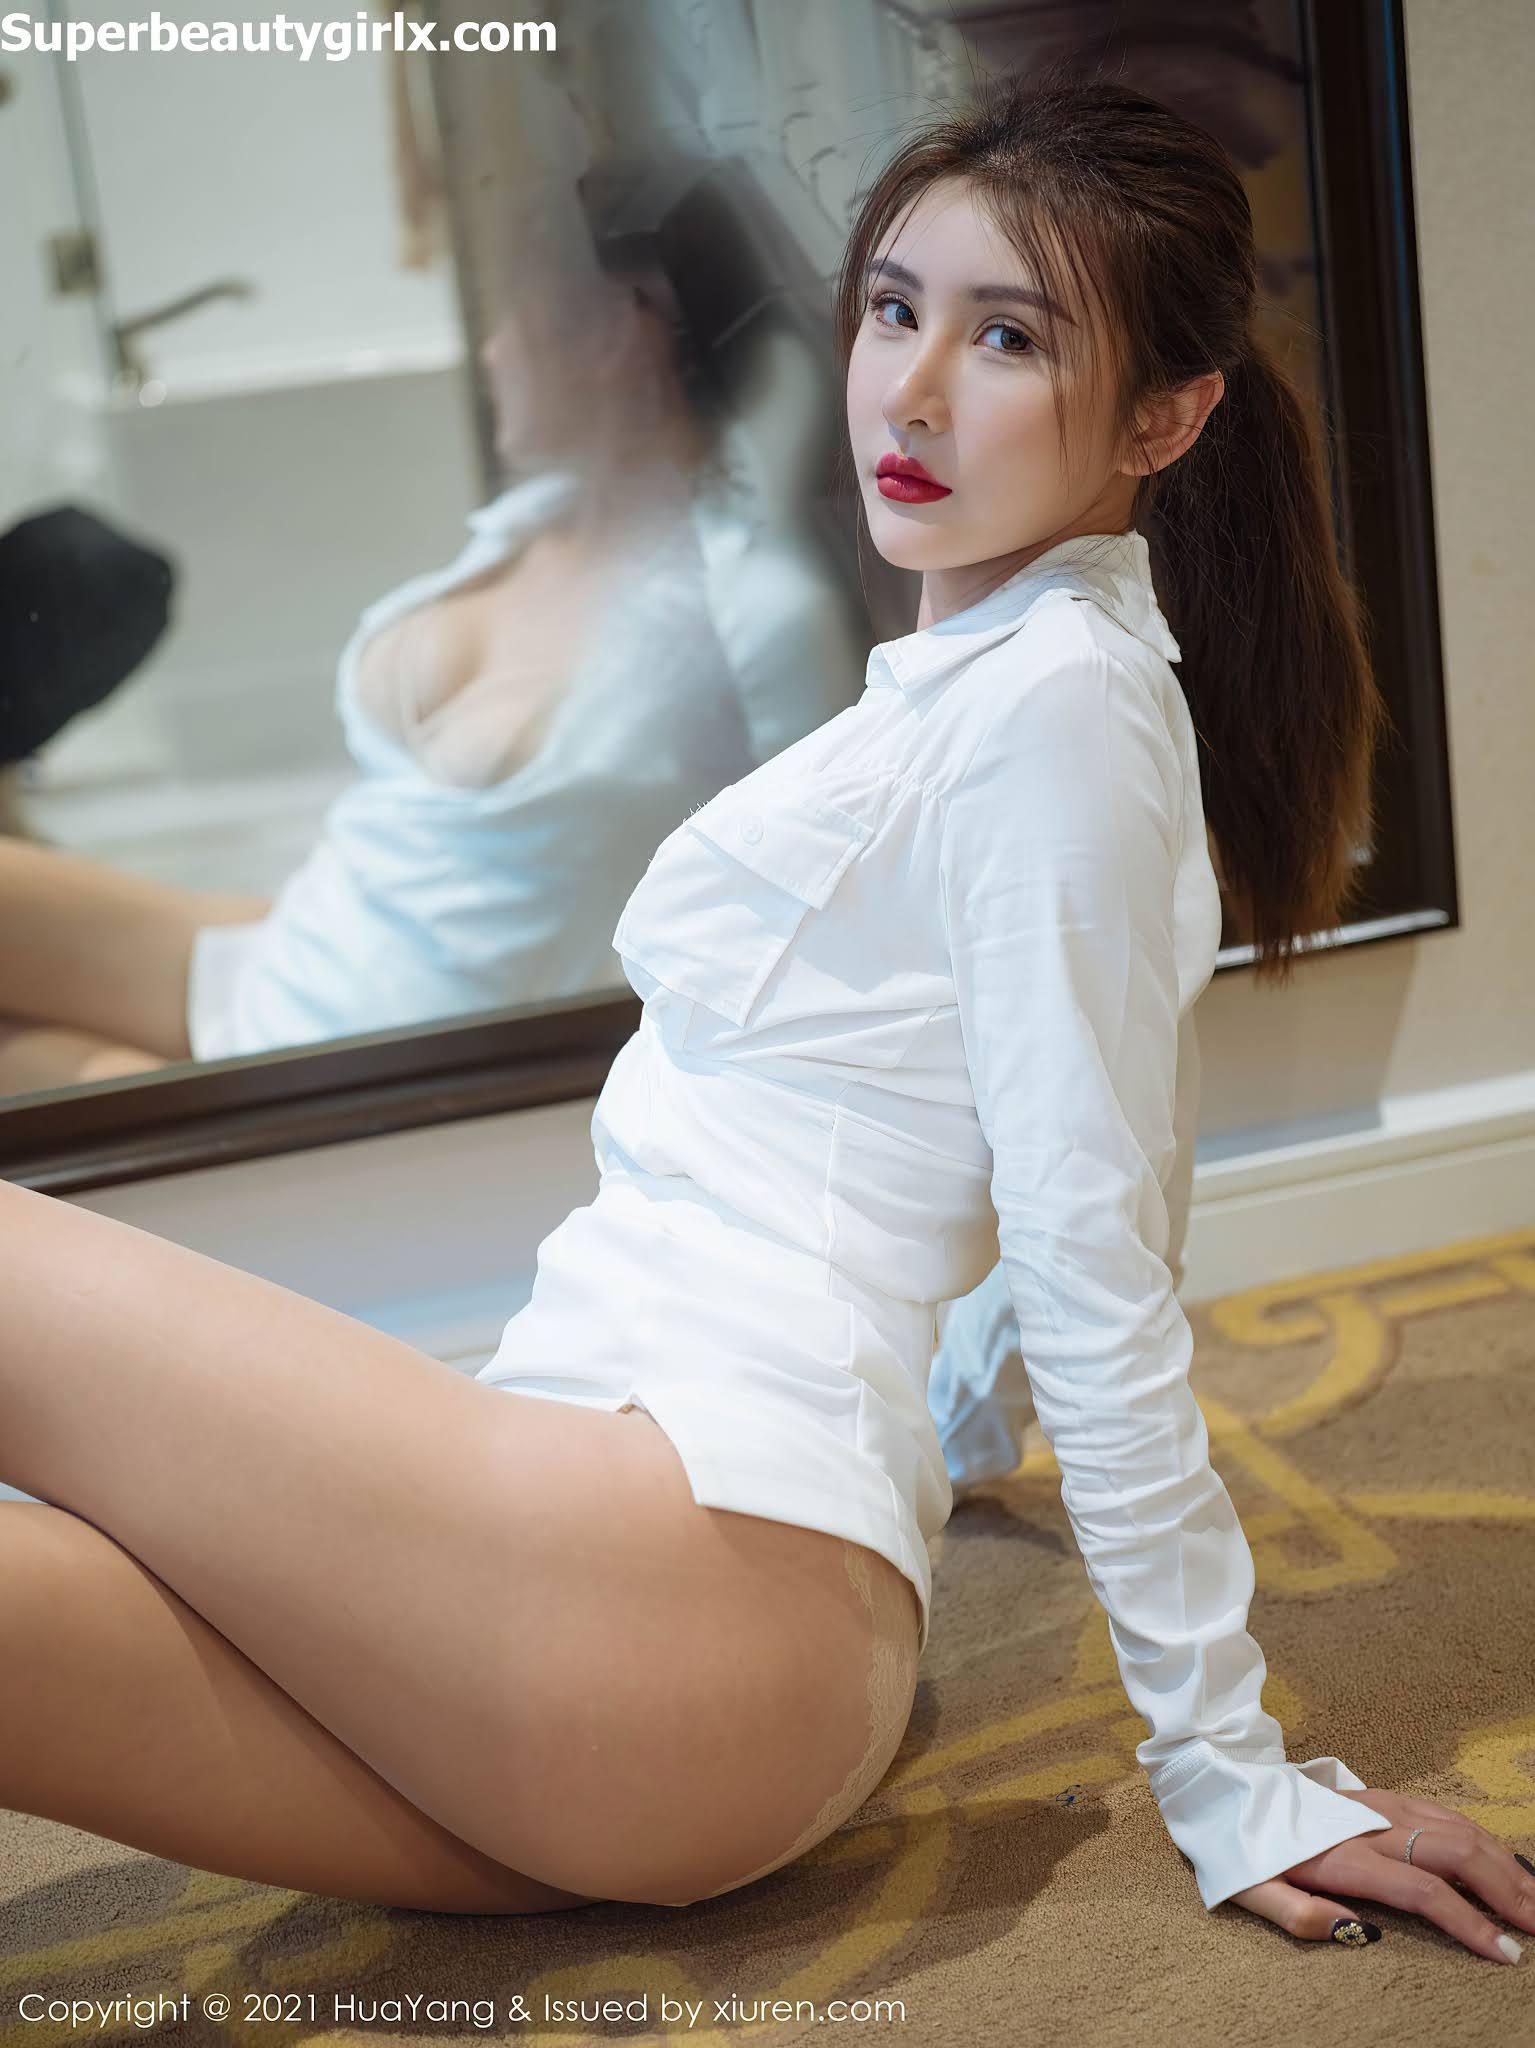 HuaYang-Vol.399-Emily-Superbeautygirlx.com